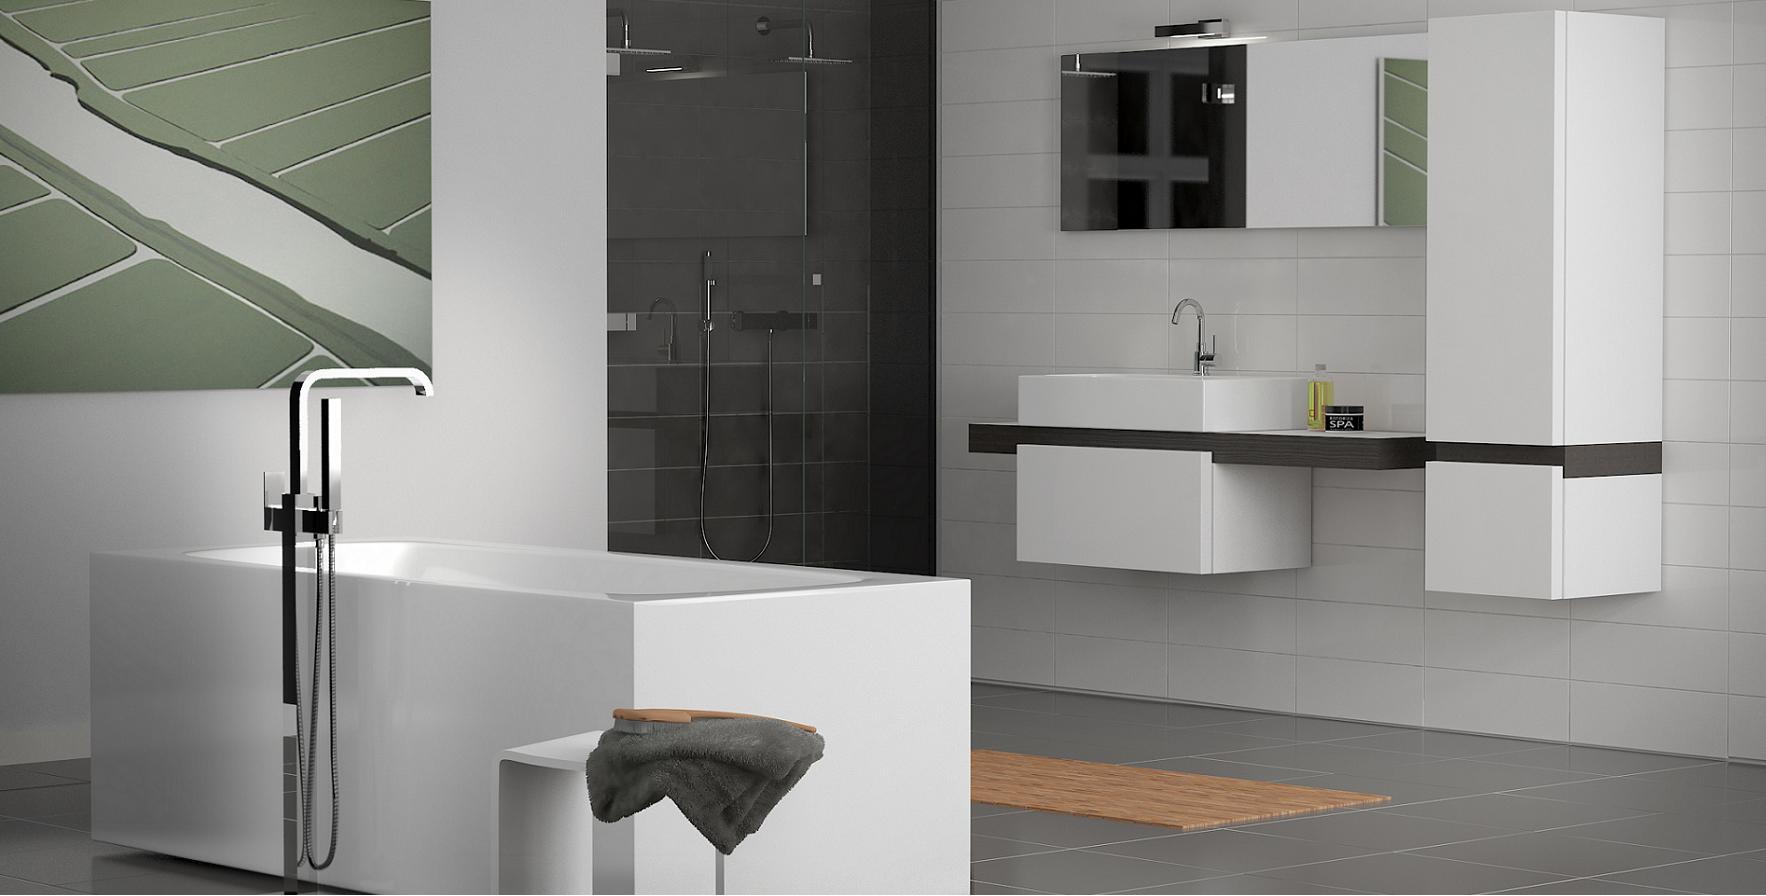 Aanbevolen badkamer design inspirerende idee n ontwerp met foto 39 s en voorbeelden - Gemeubleerde salle de bains ontwerp ...